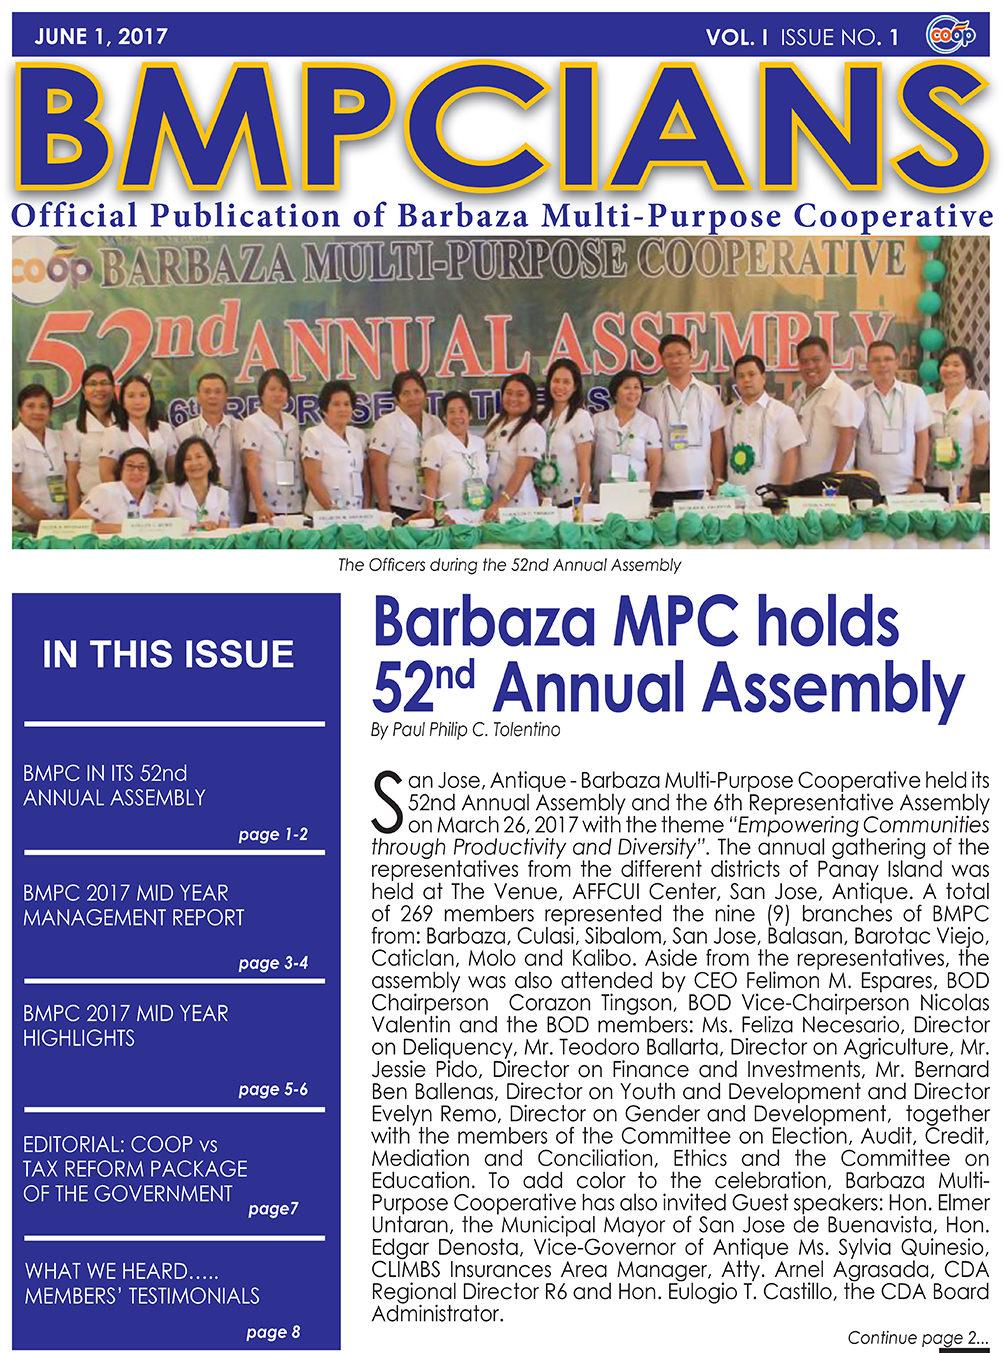 BMPCIANS VOLUME 1 ISSUE NO. 1